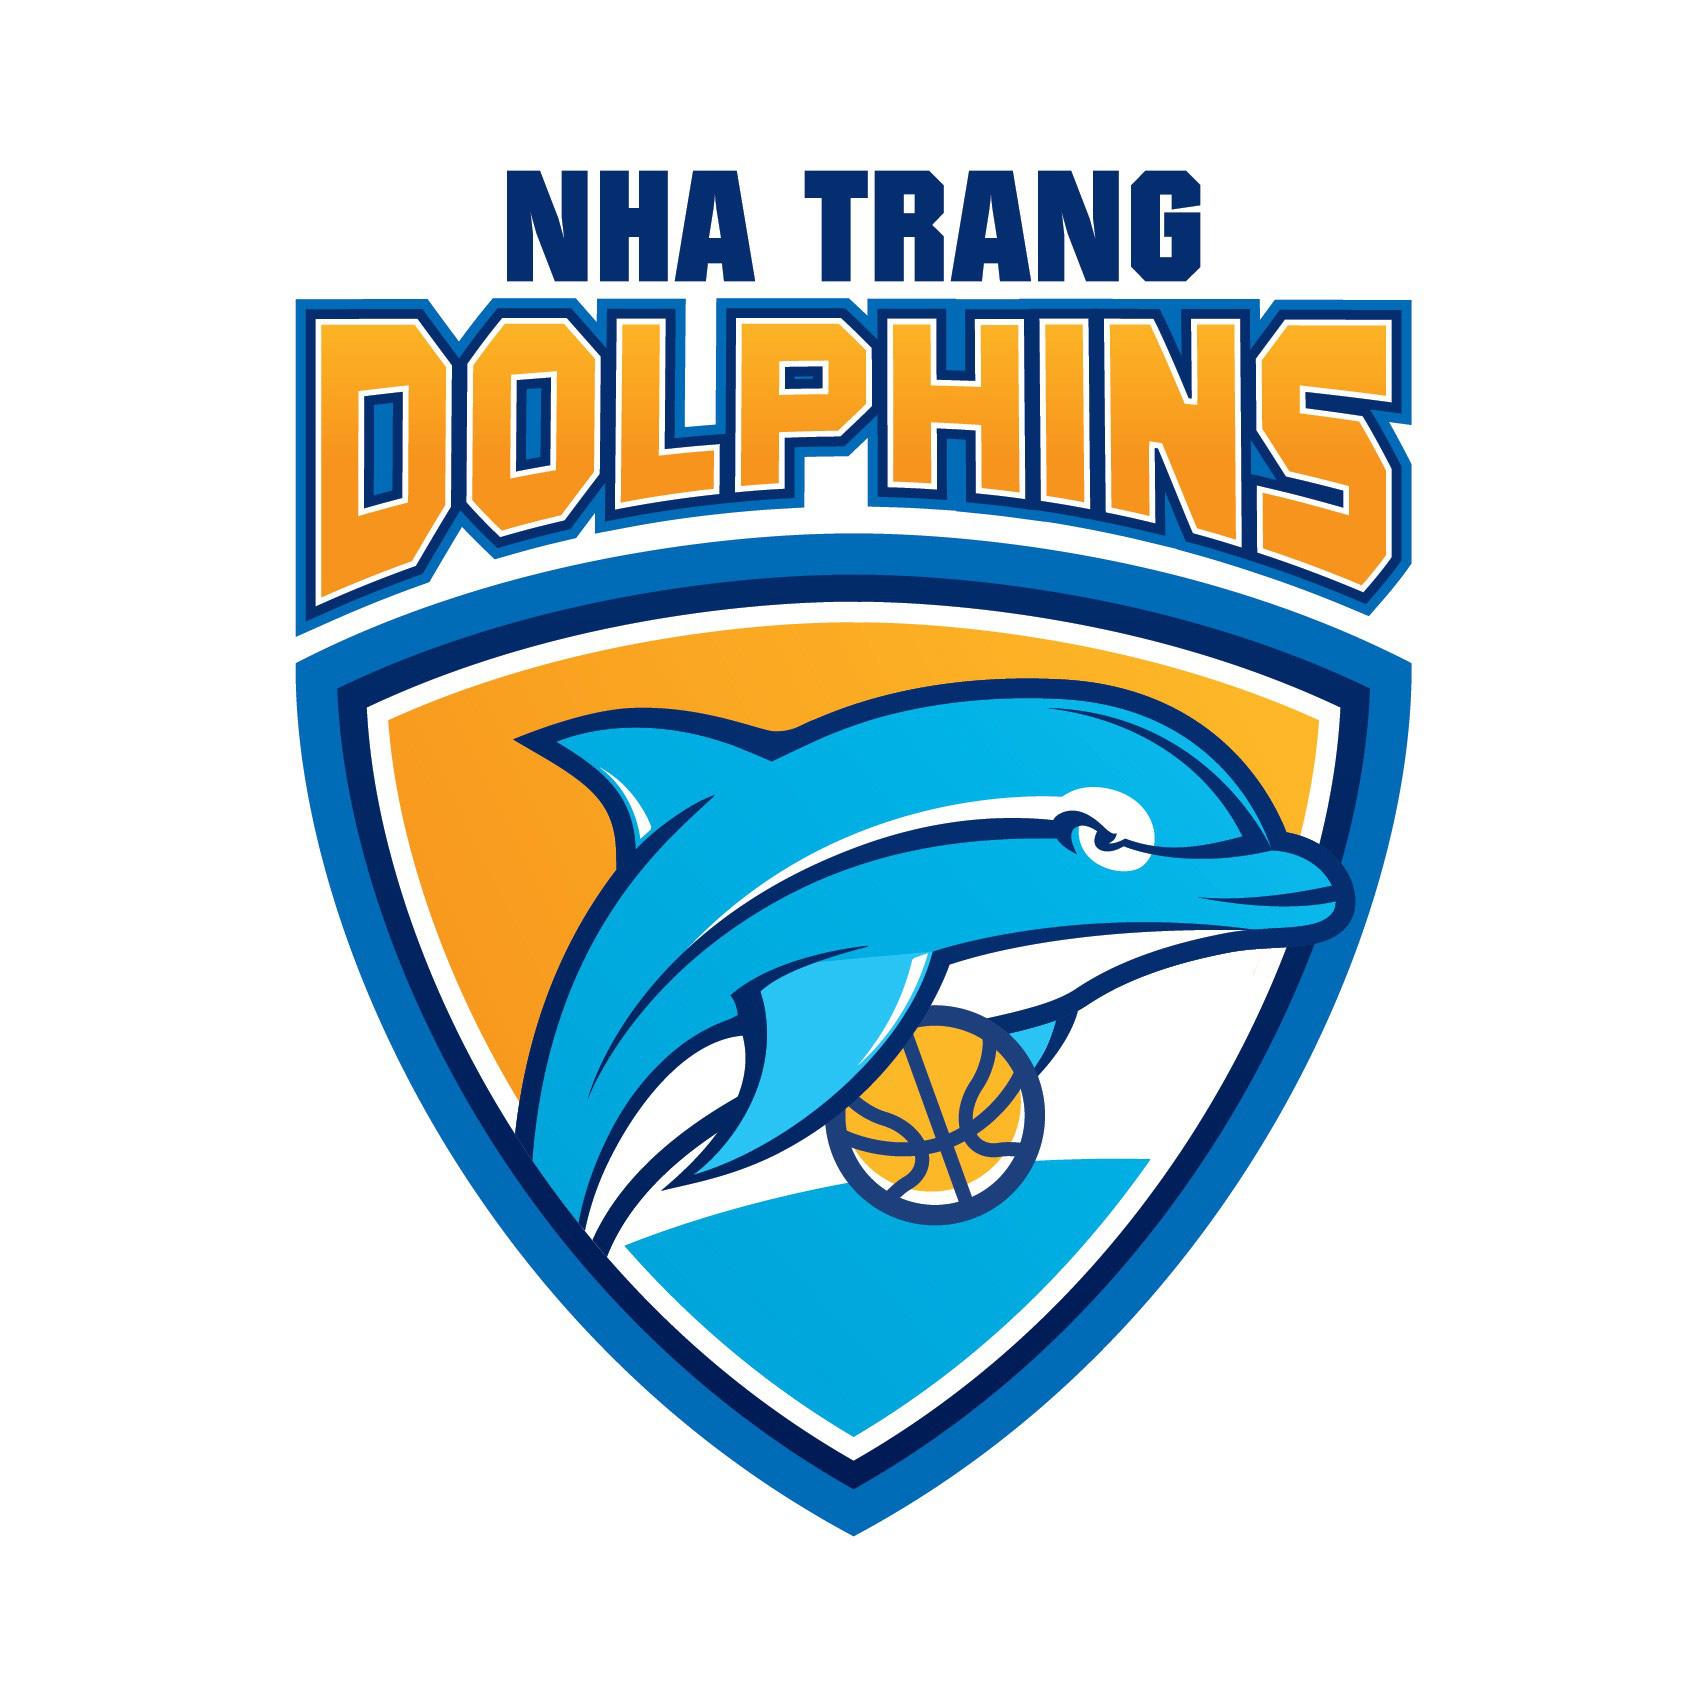 VBA chính thức công bố đội bóng thứ 7: Nha Trang Dolphins là cái tên được chọn - Ảnh 2.